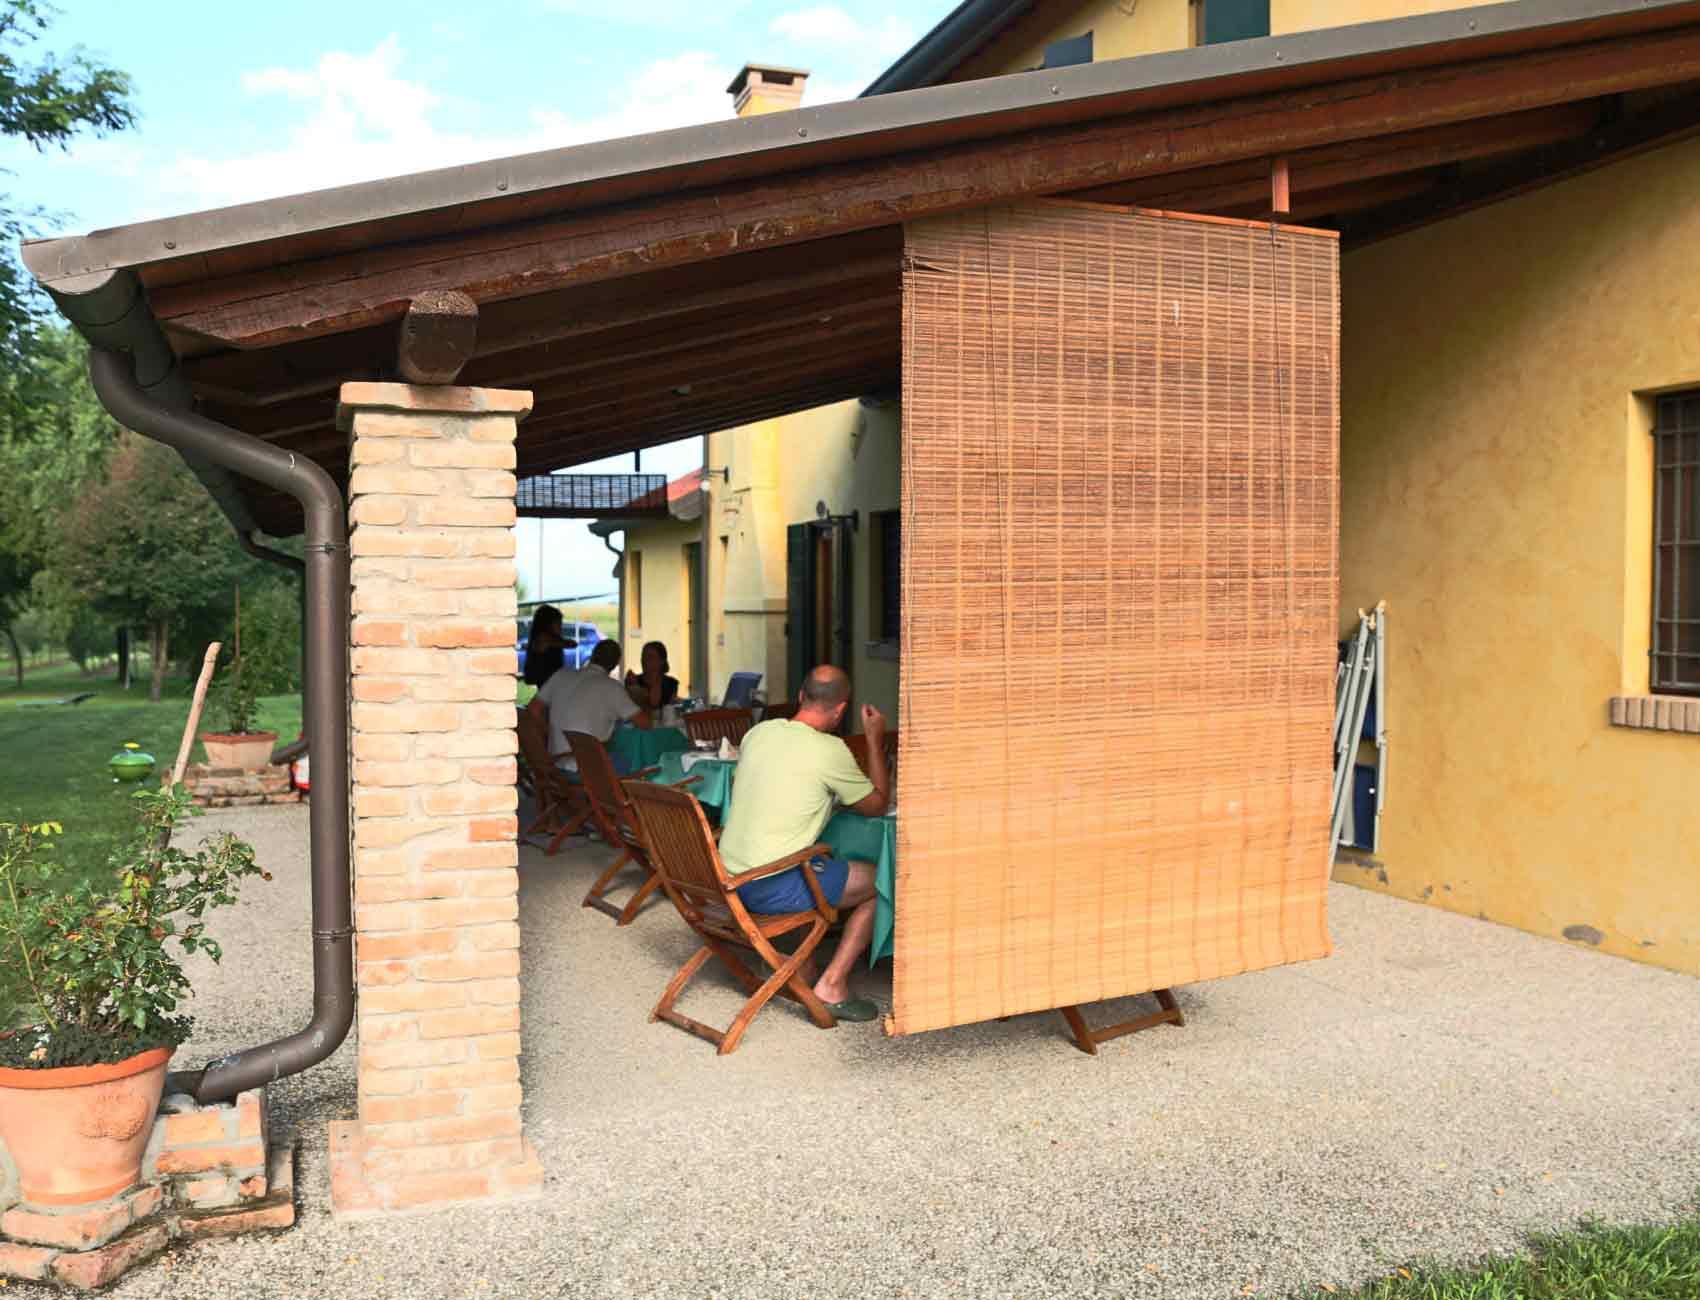 Agriturismo Zennare - Camera doppia - Colazione nel patio